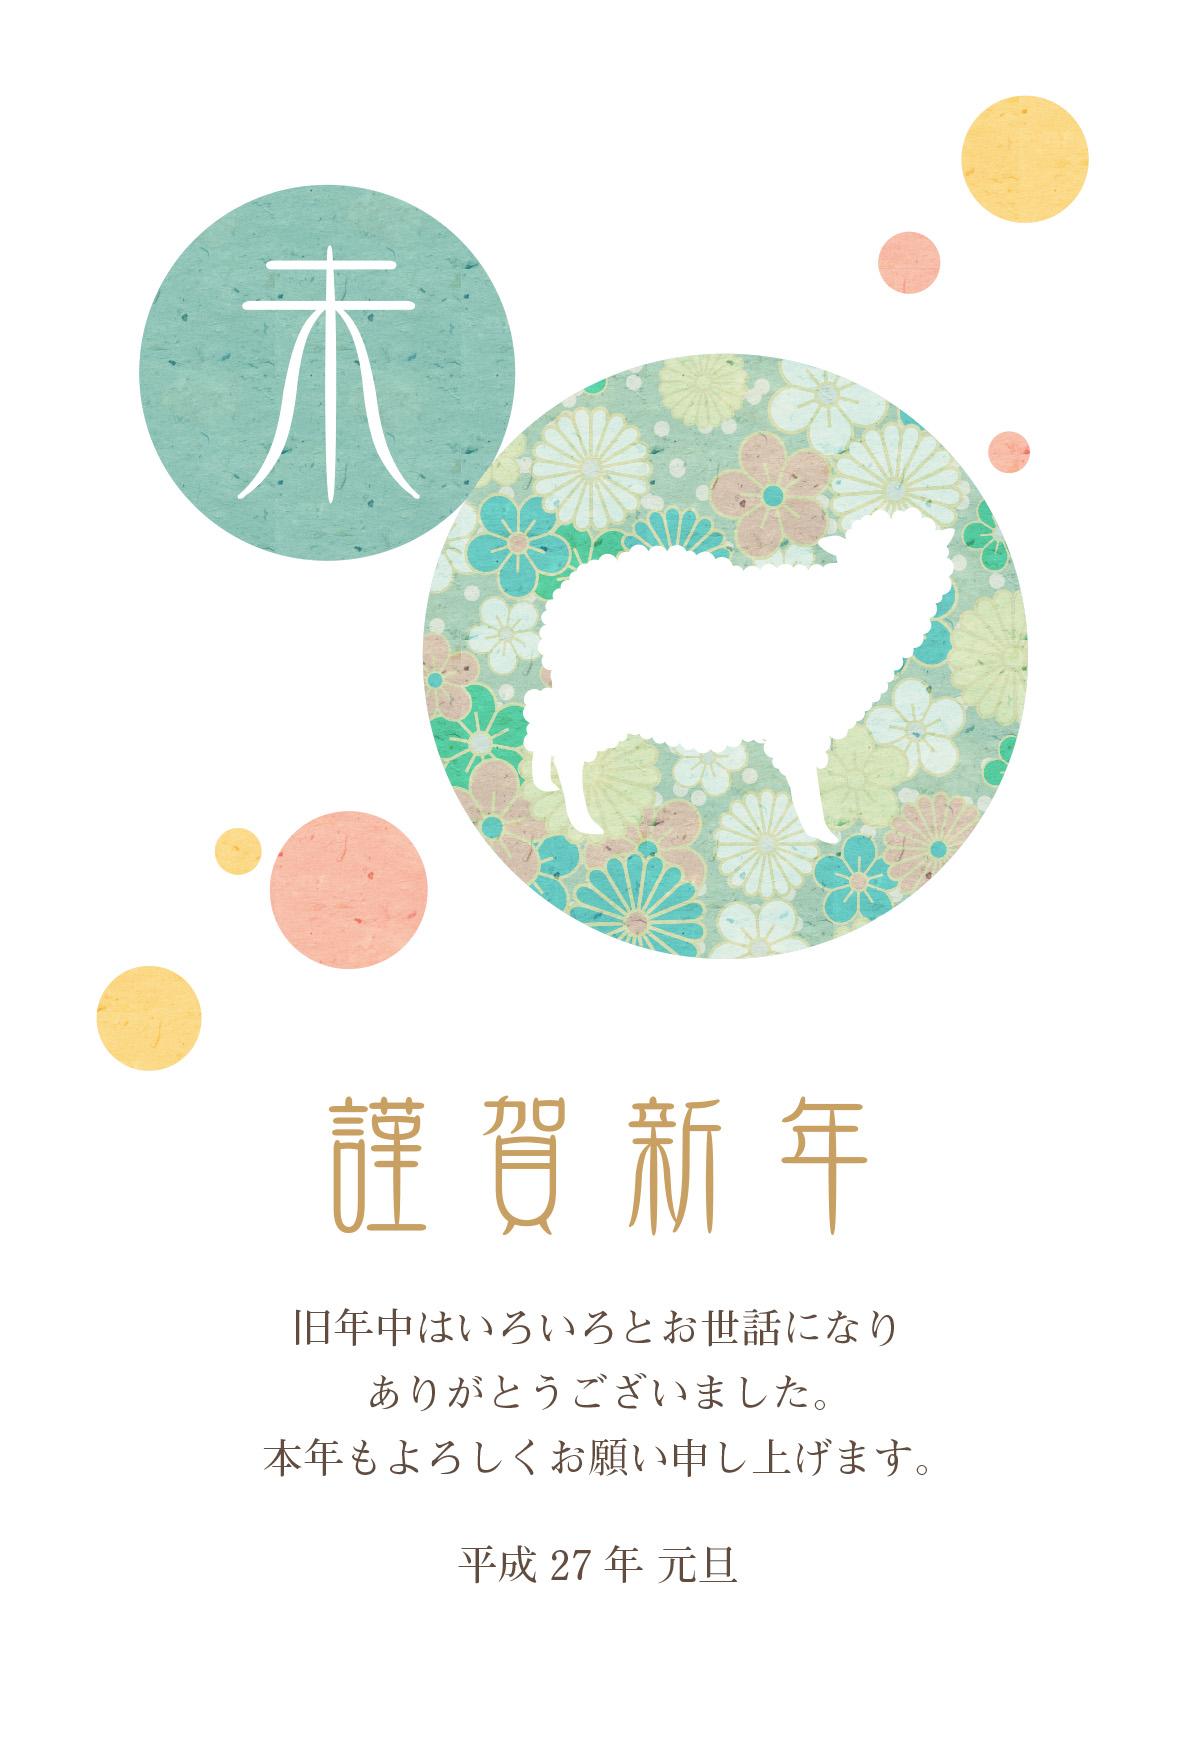 未と和柄 年賀状15無料イラスト素材集